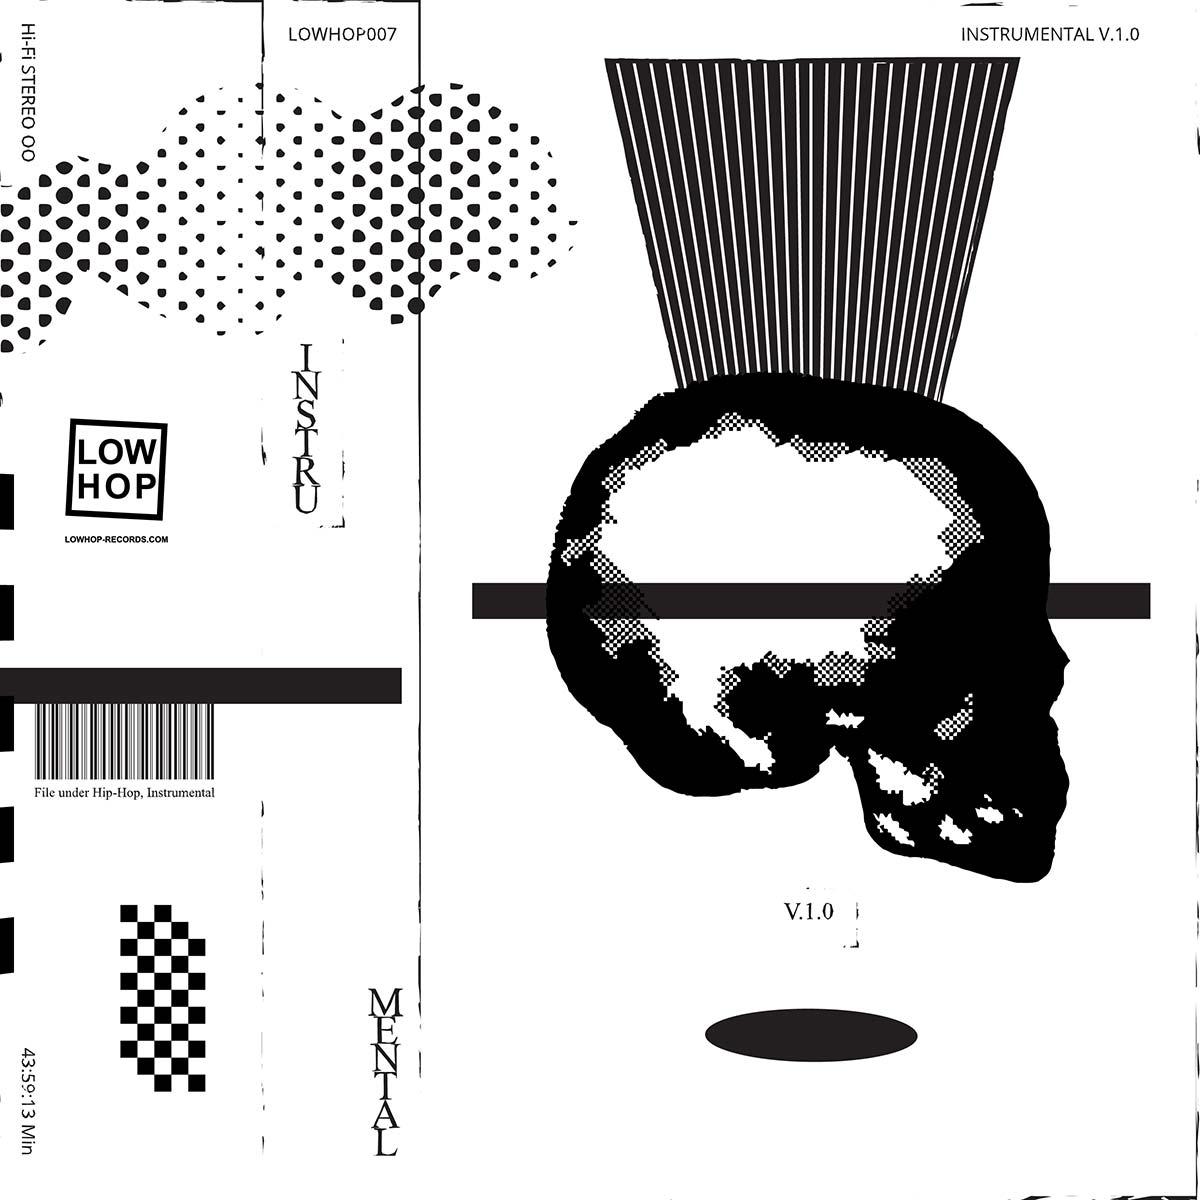 Upcoming: MCC - InstruMental (Album)